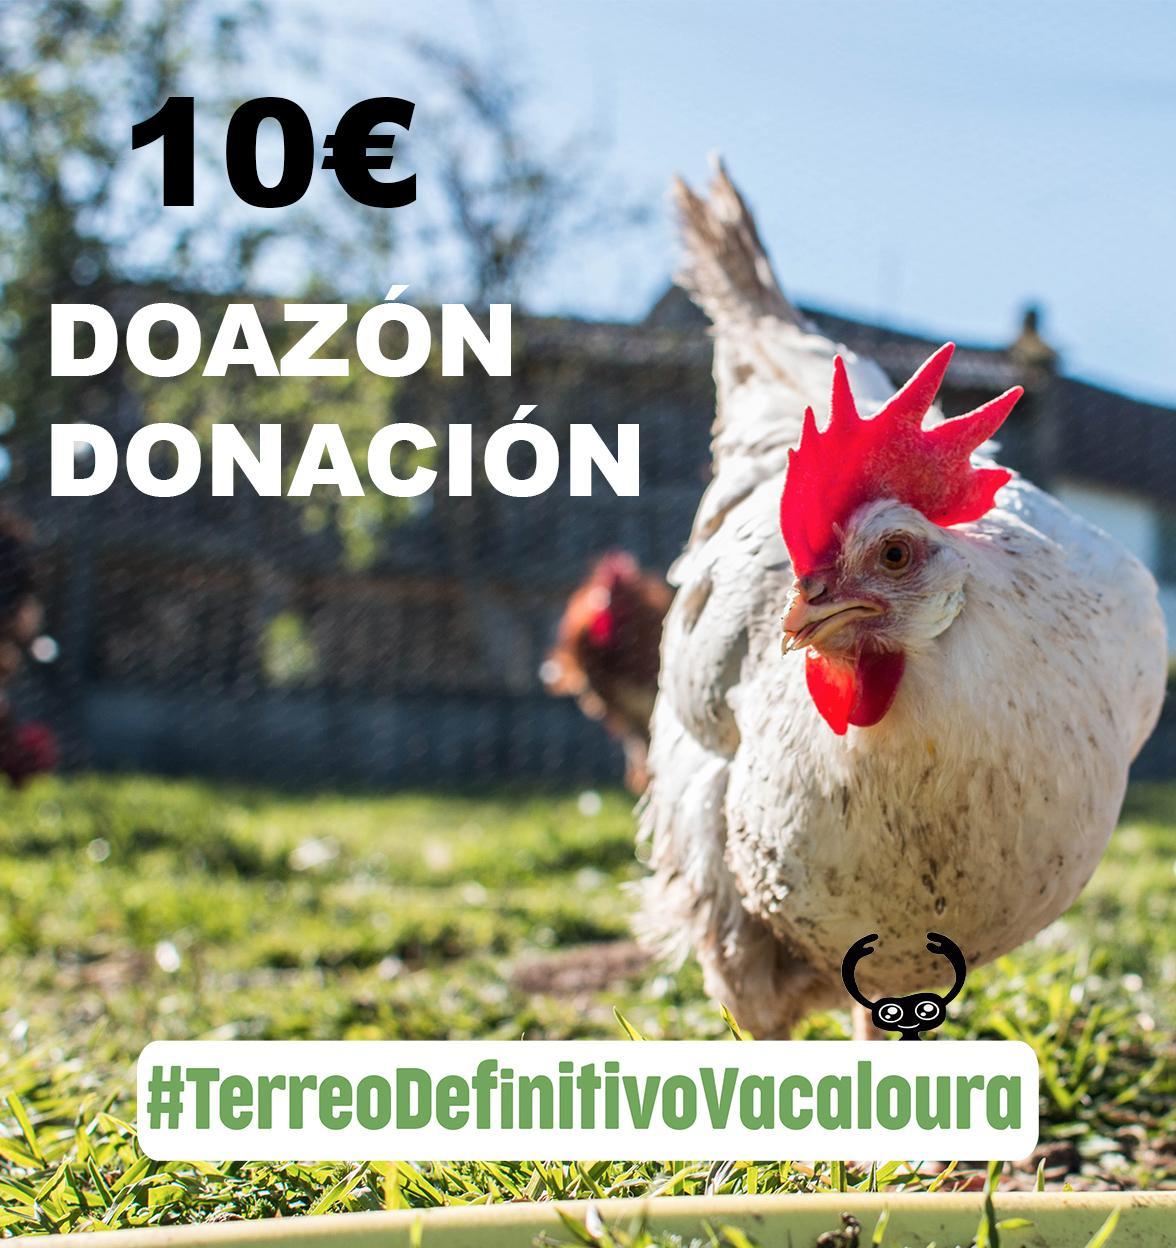 doa 10 euros á campaña do terreo definitivo para o santuario